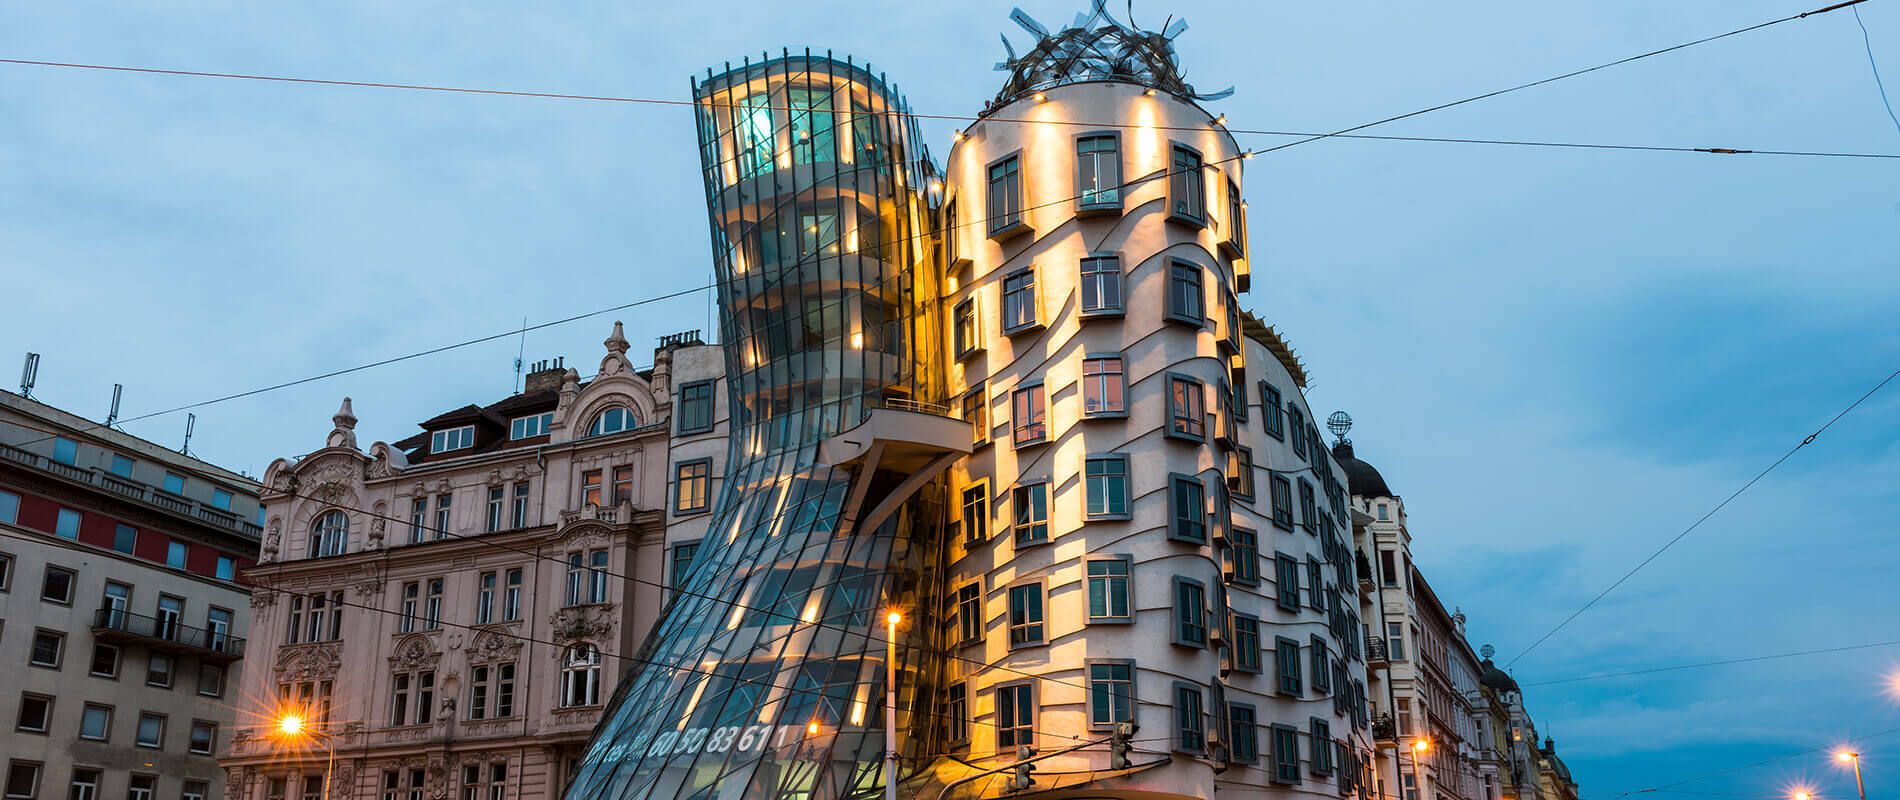 Dancing House, l'edificio danzante di Praga